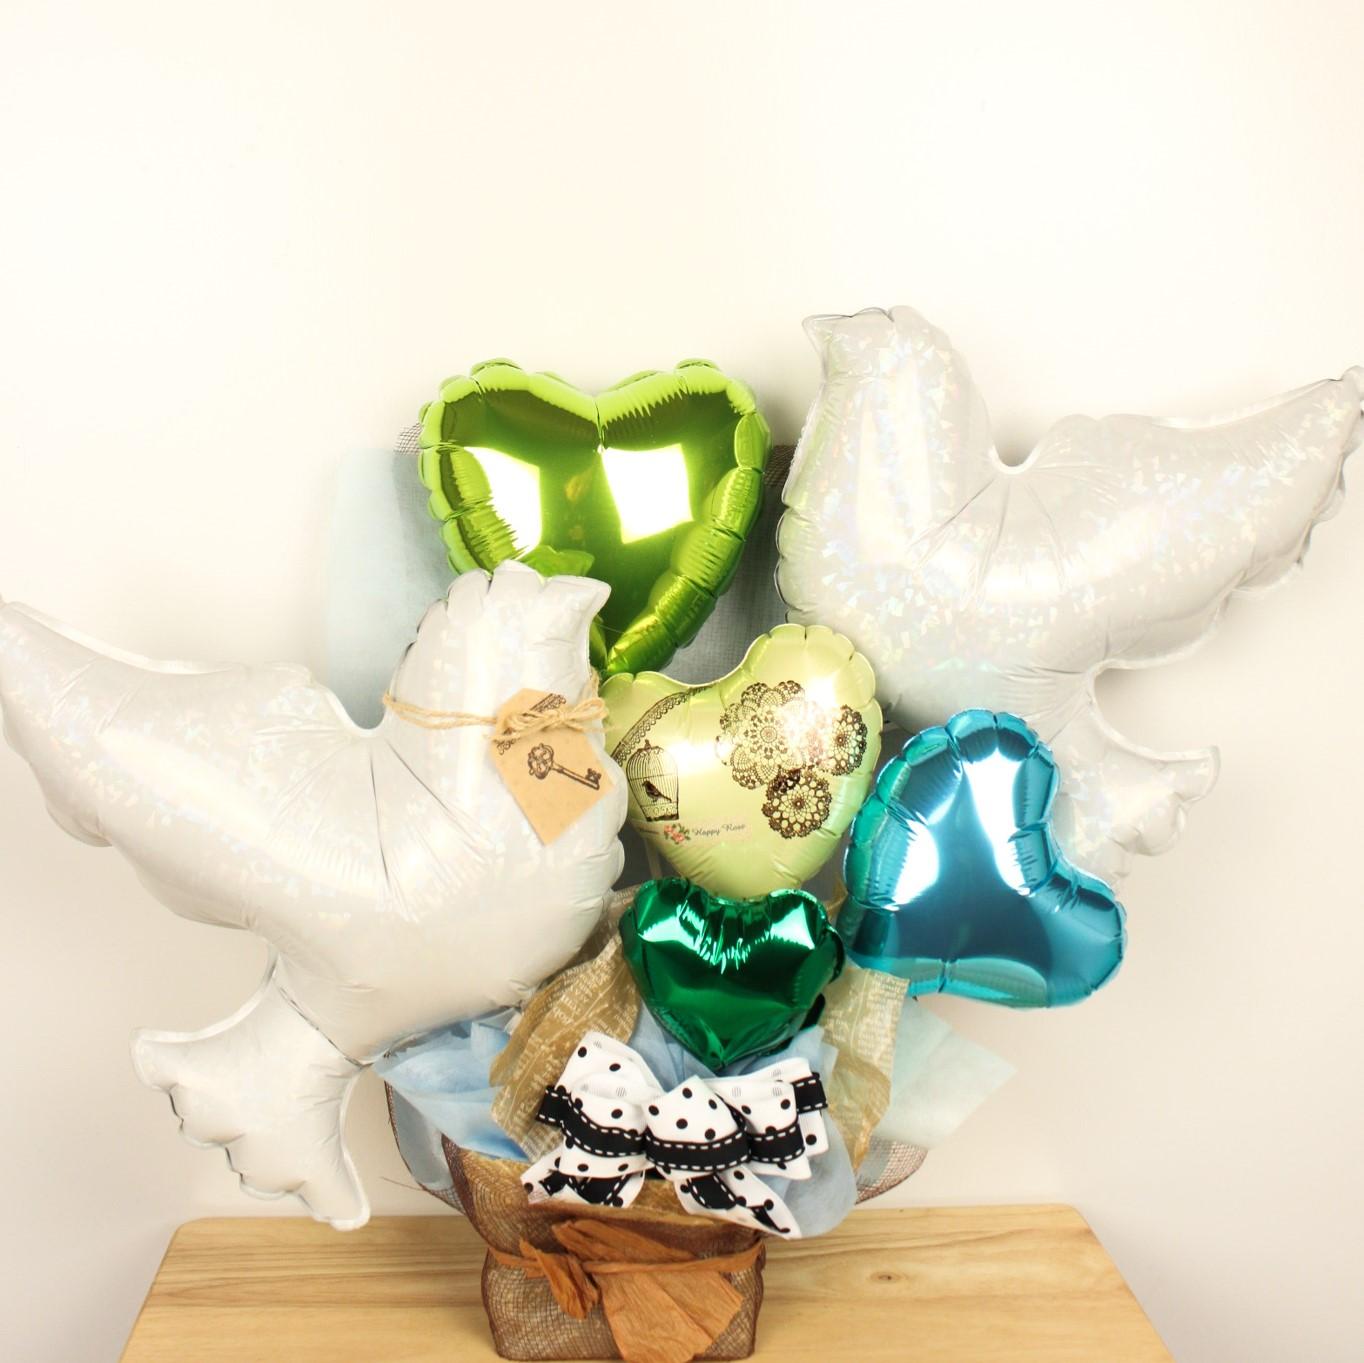 結婚式バルーン電報 「幸せを運ぶ鳩のバルーンアレンジ、結婚式のお祝いに大人気)」 wd0042